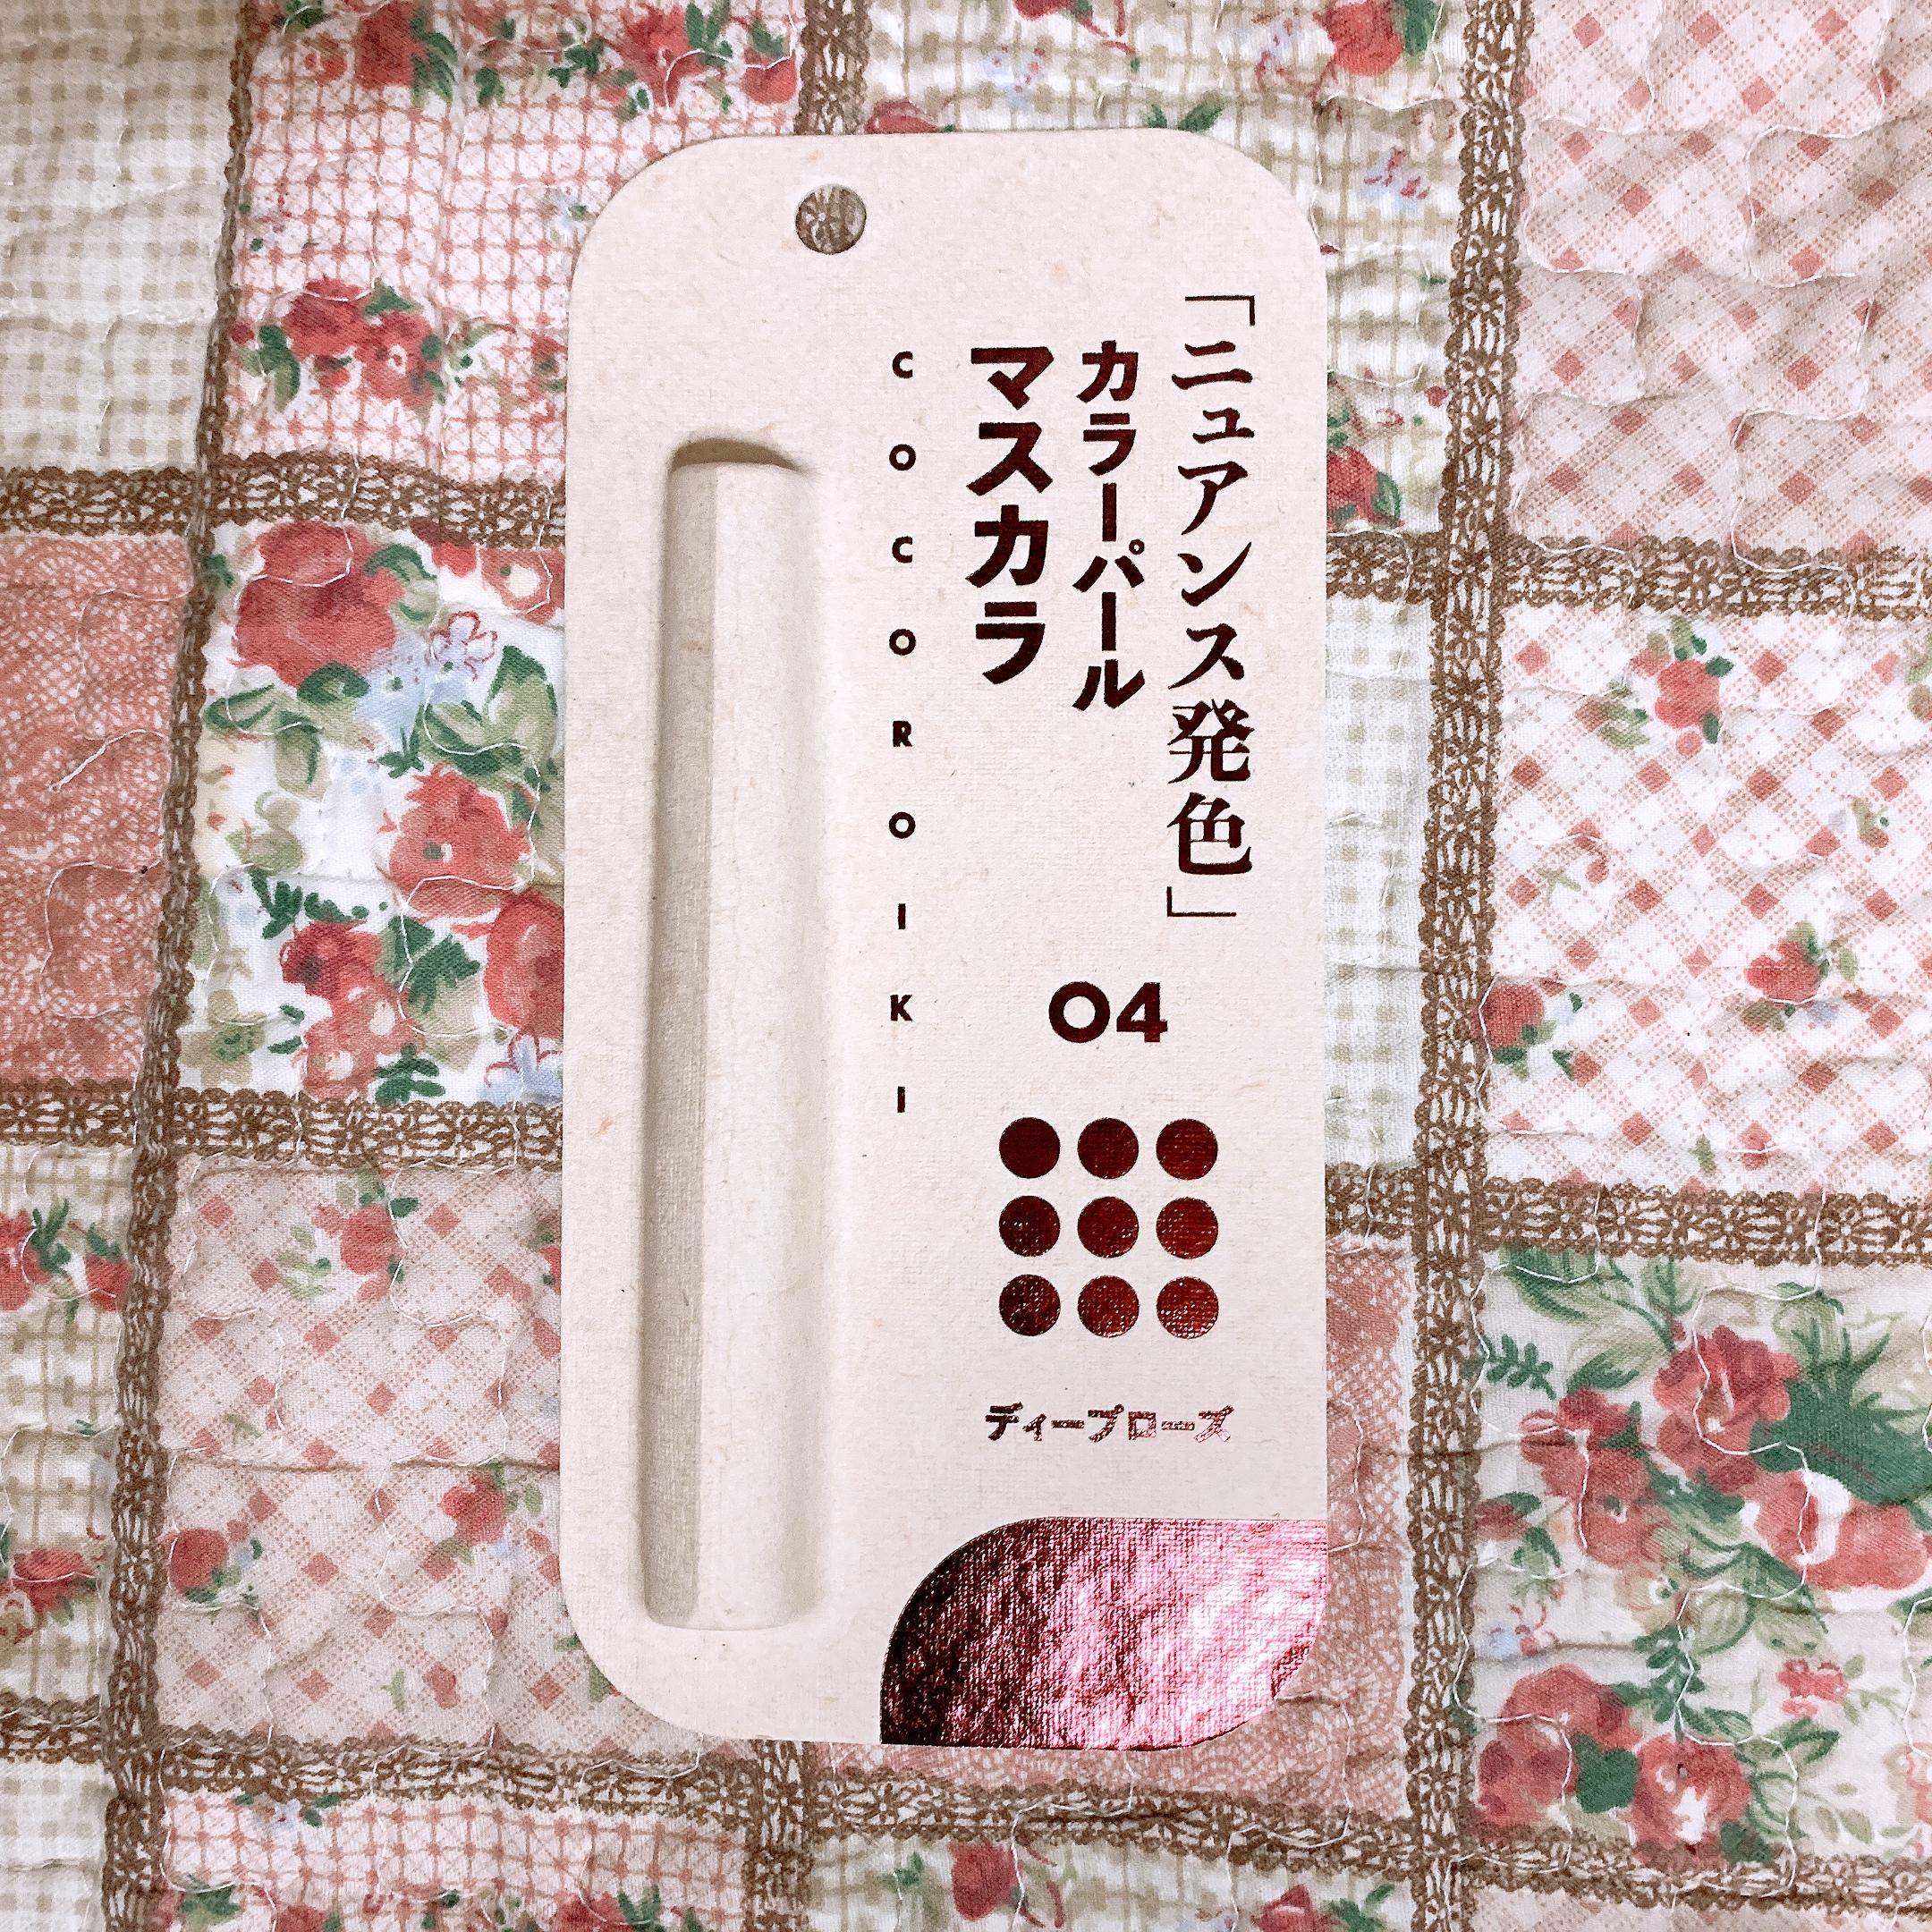 COCOROIKI(ココロイキ) アイデザインマスカラの良い点・メリットに関するまりたそさんの口コミ画像3